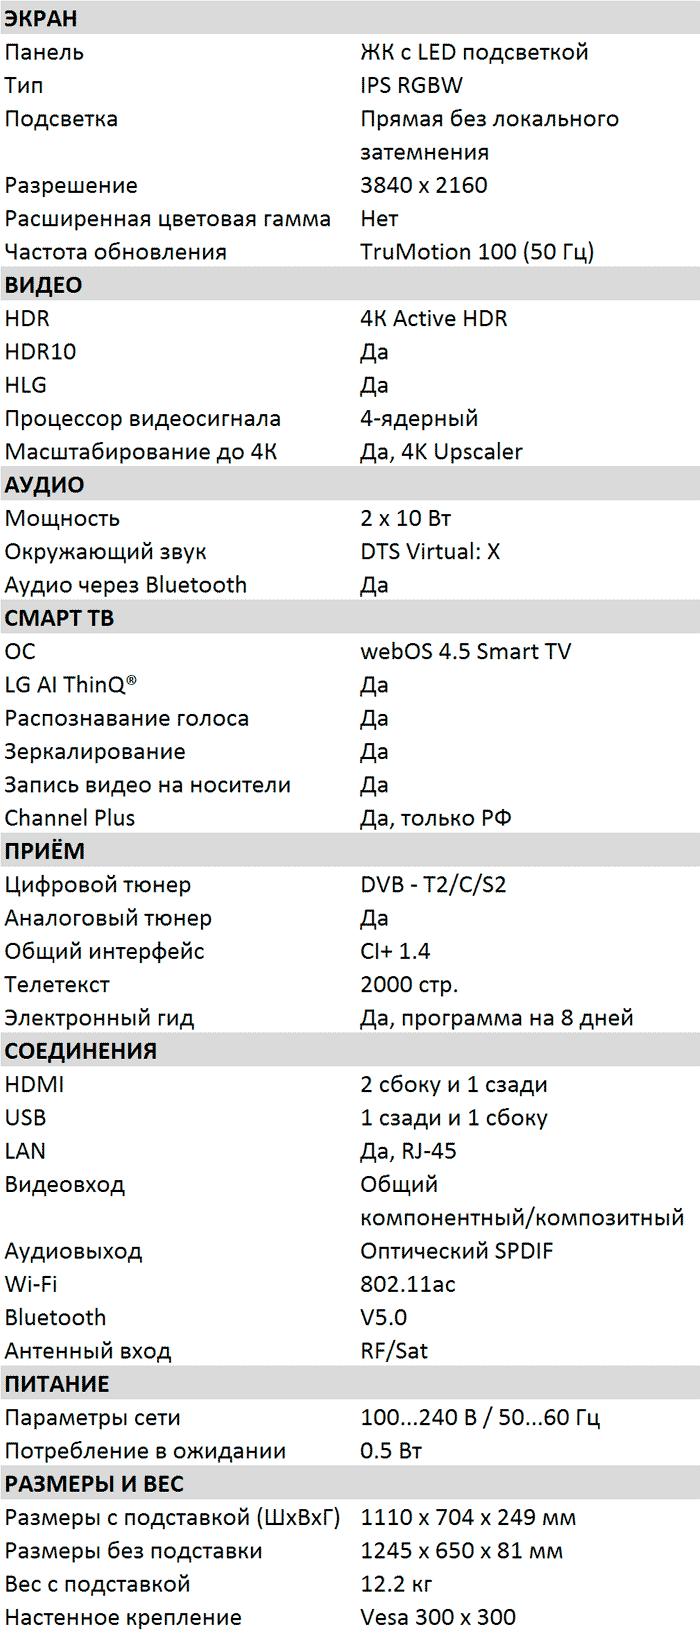 Характеристики UM7450